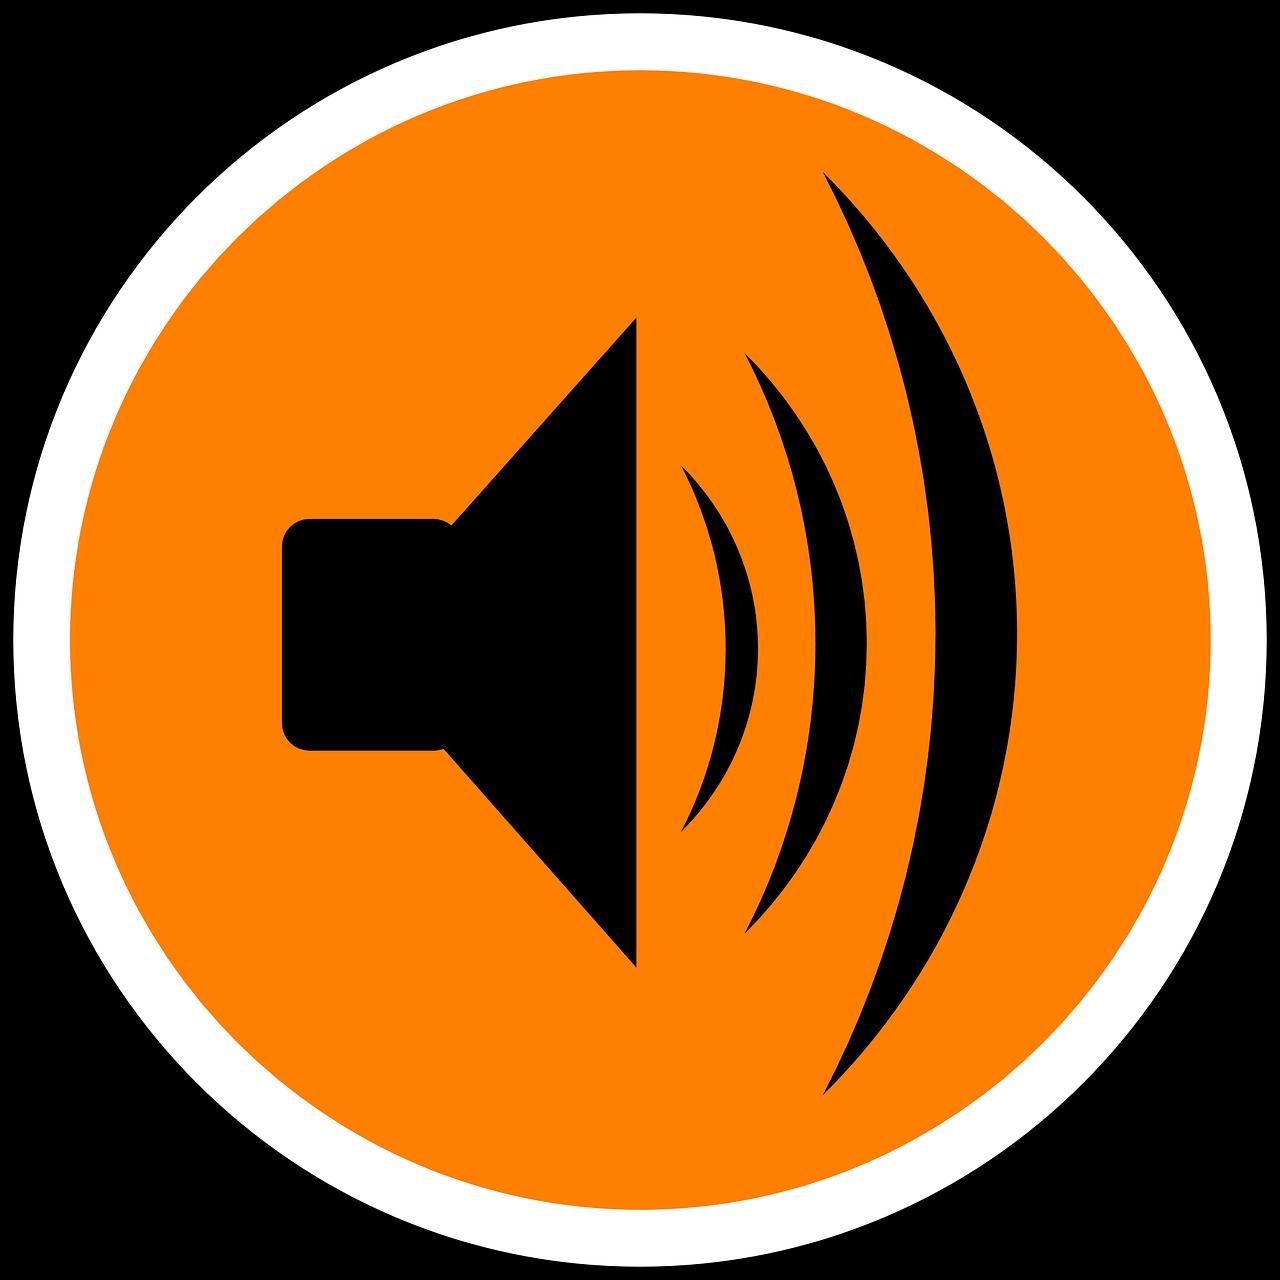 loud-speaker-310849_1280.png